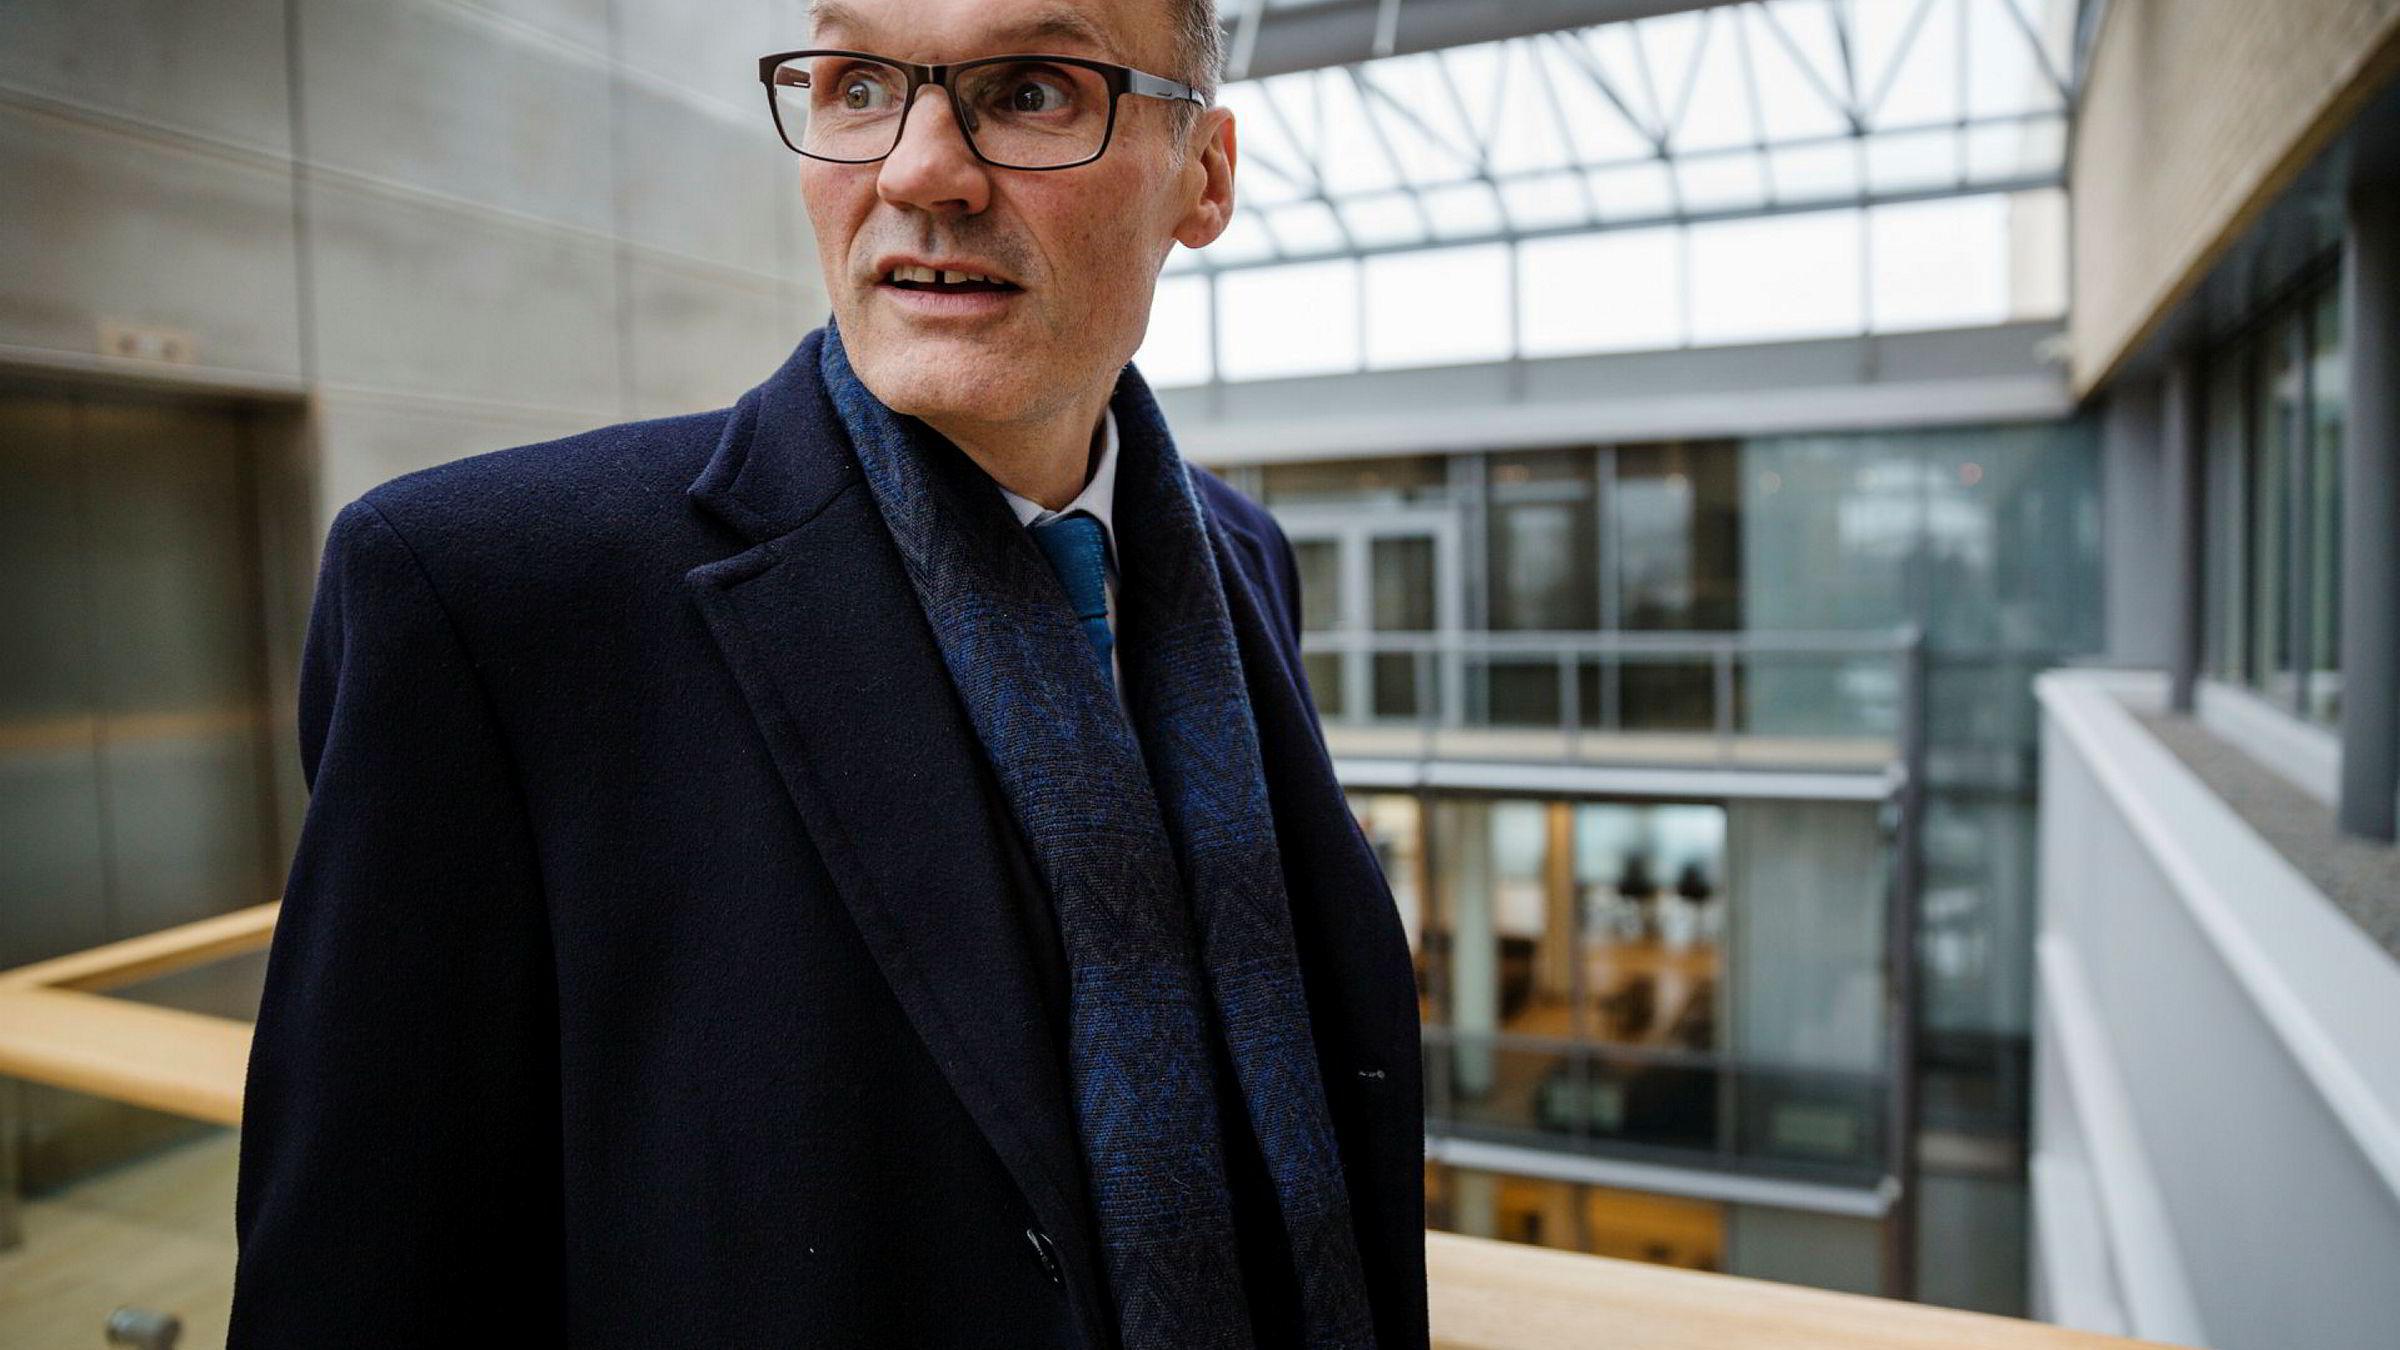 – EKSTREMT ENTUSIASTISK. Toppsjef Klaus-Anders Nysteen og Lindorff ville vokse ved å hente penger gjennom børsnotering. Nå fusjonerer han i stedet med børsnoterte Intrum Justitia.